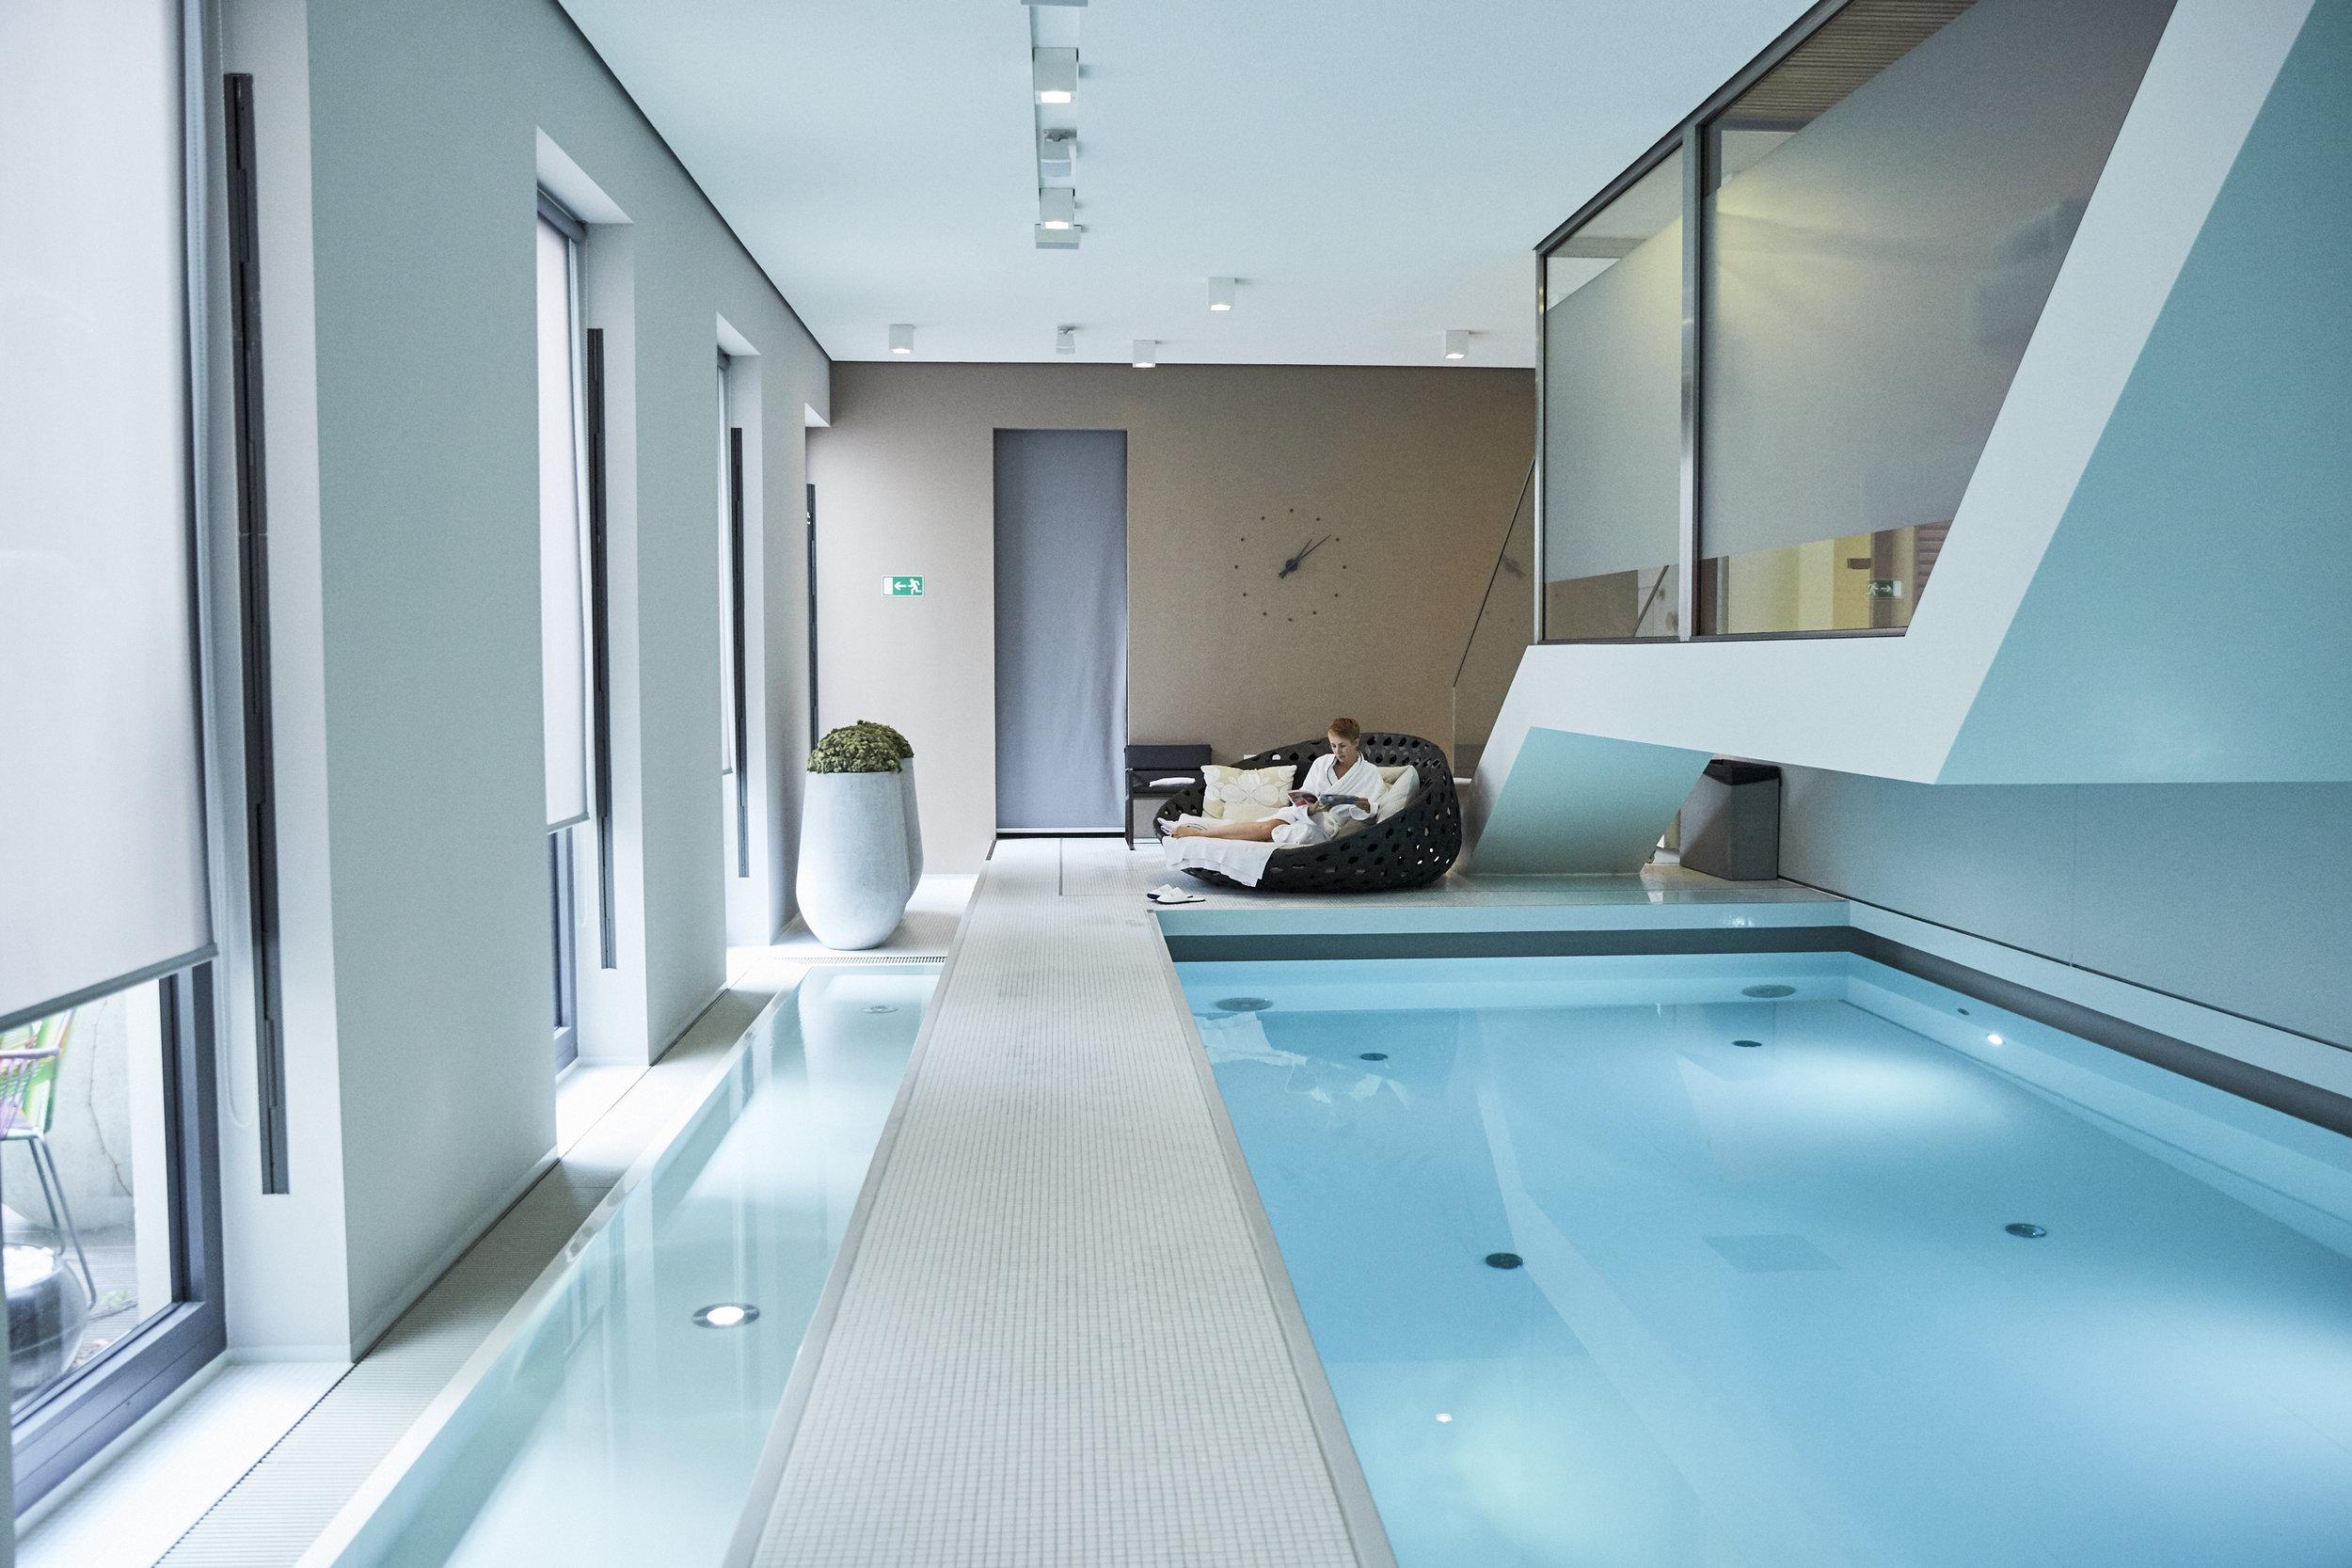 Das Susanne Kaufmann™ Boutique SPA ist 260 m² groß und mit einem 14-Meter Pool, einer finnischen Sauna, zwei Einzel- und einem Paar-Behandlungsraum mit Tageslicht ausgestattet.